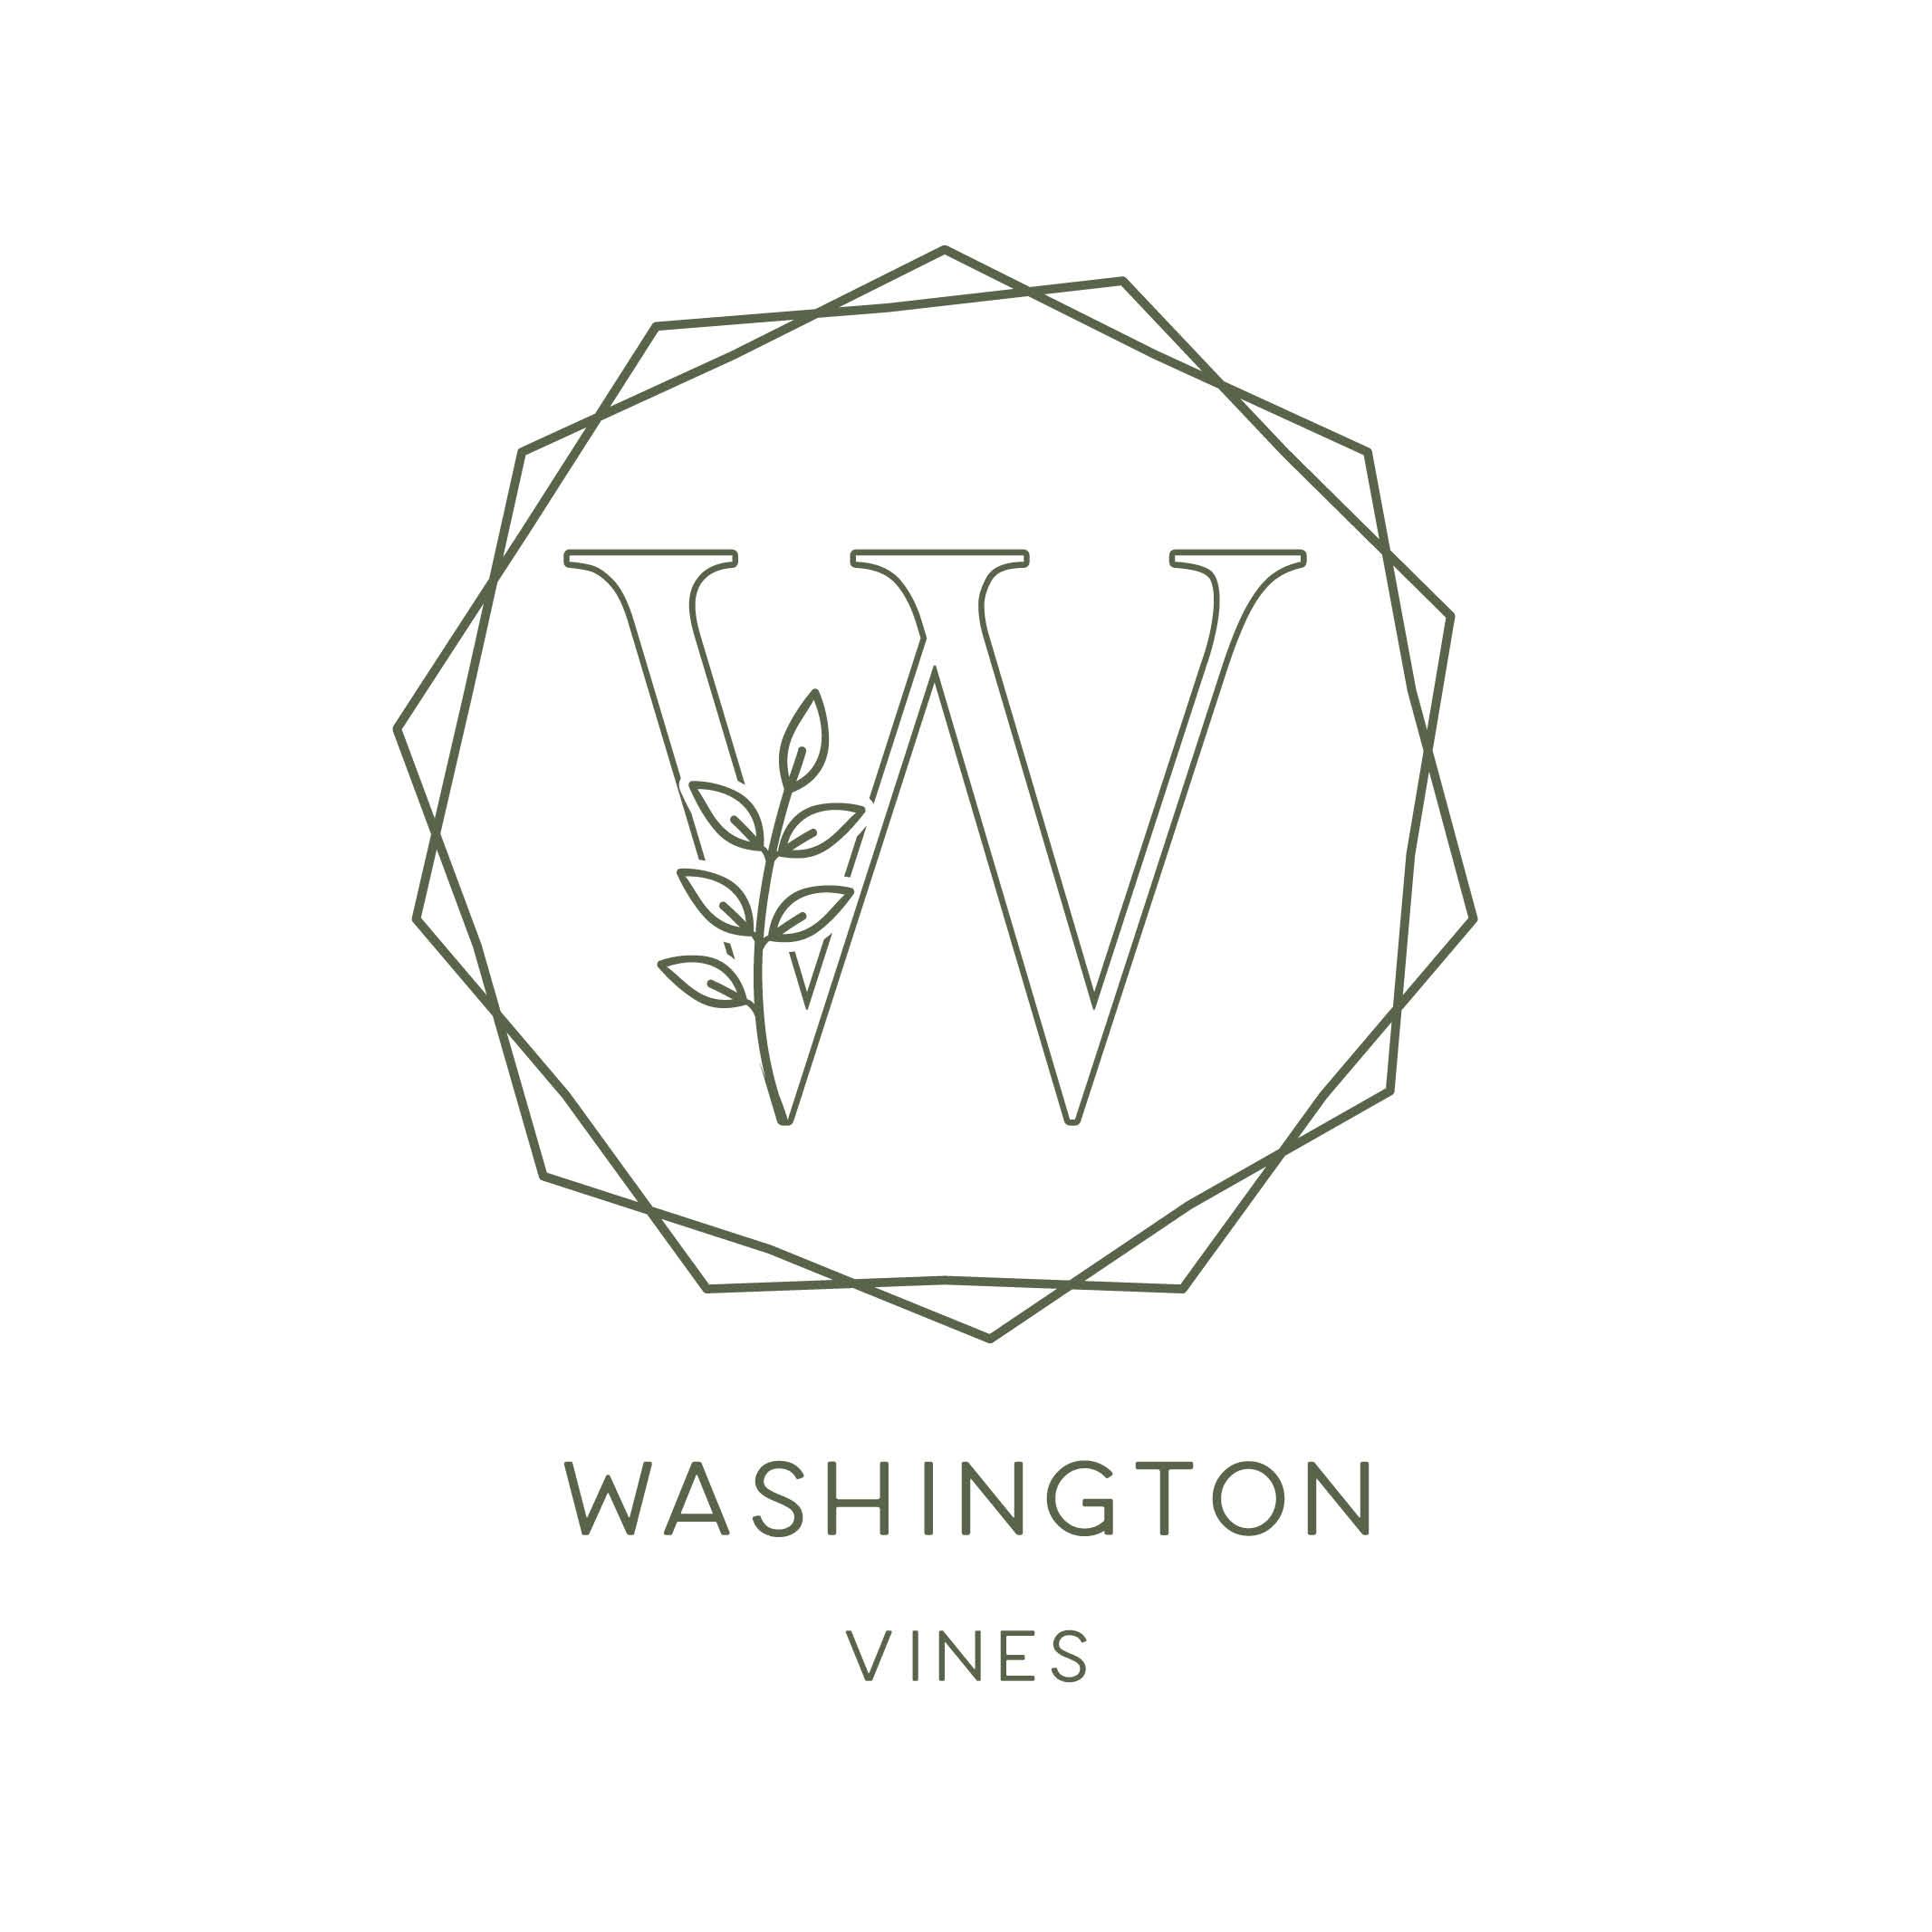 Vineyard Logos_Washington Vines